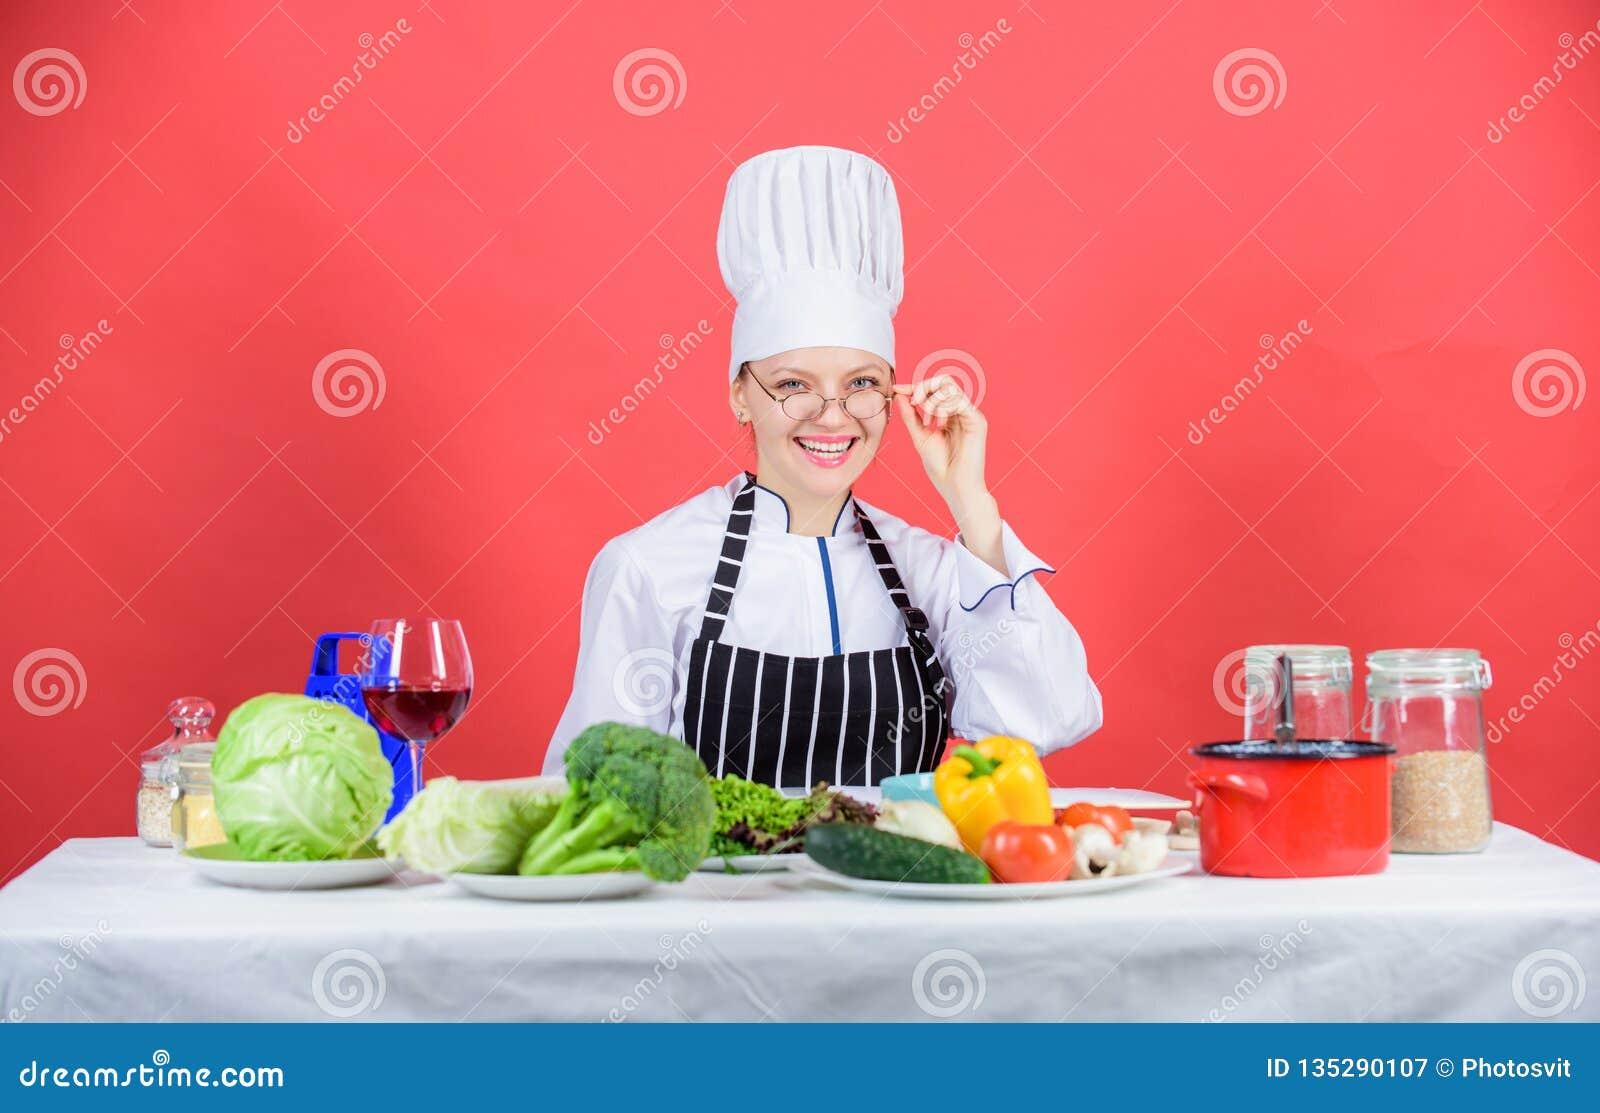 E Kochschulekonzept Frau im Schutzblech weiß alles über kulinarische Kunst kulinarisch